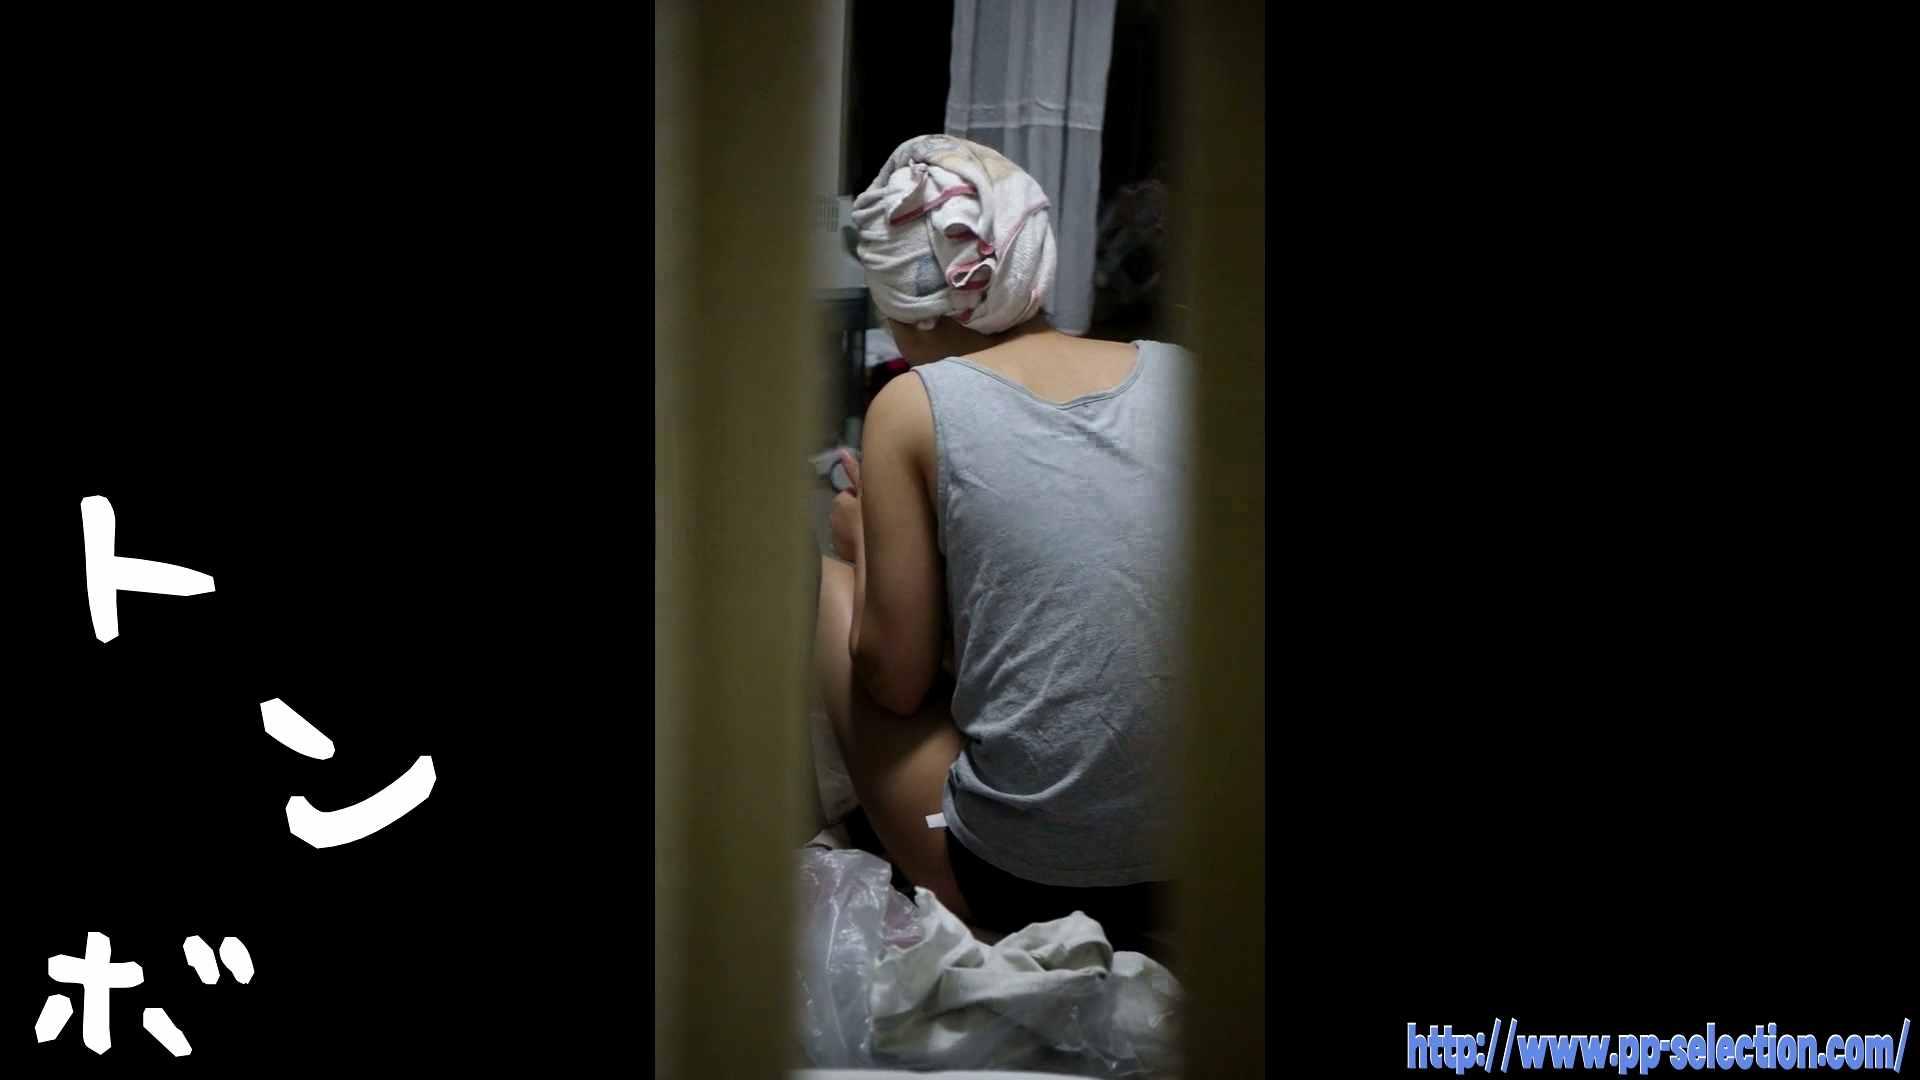 アダルトエロ動画|美女達の私生活に潜入!一人暮らし女子大生禁断の裸(腋フェチ必見)!!|怪盗ジョーカー